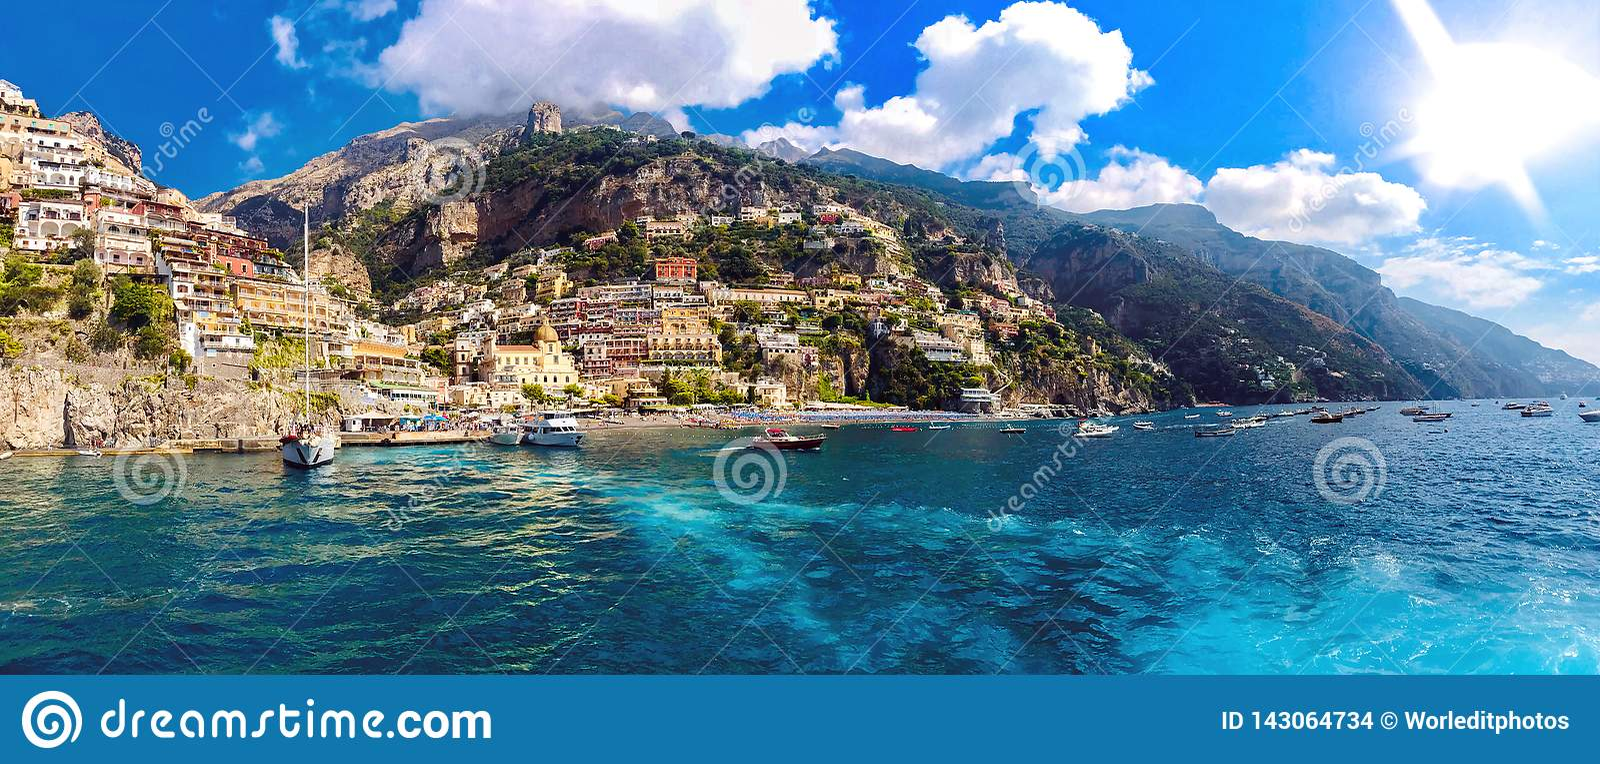 Άποψη από μια ναυσιπλοΐα yatch της ακτής της Νάπολης στην Ιταλία